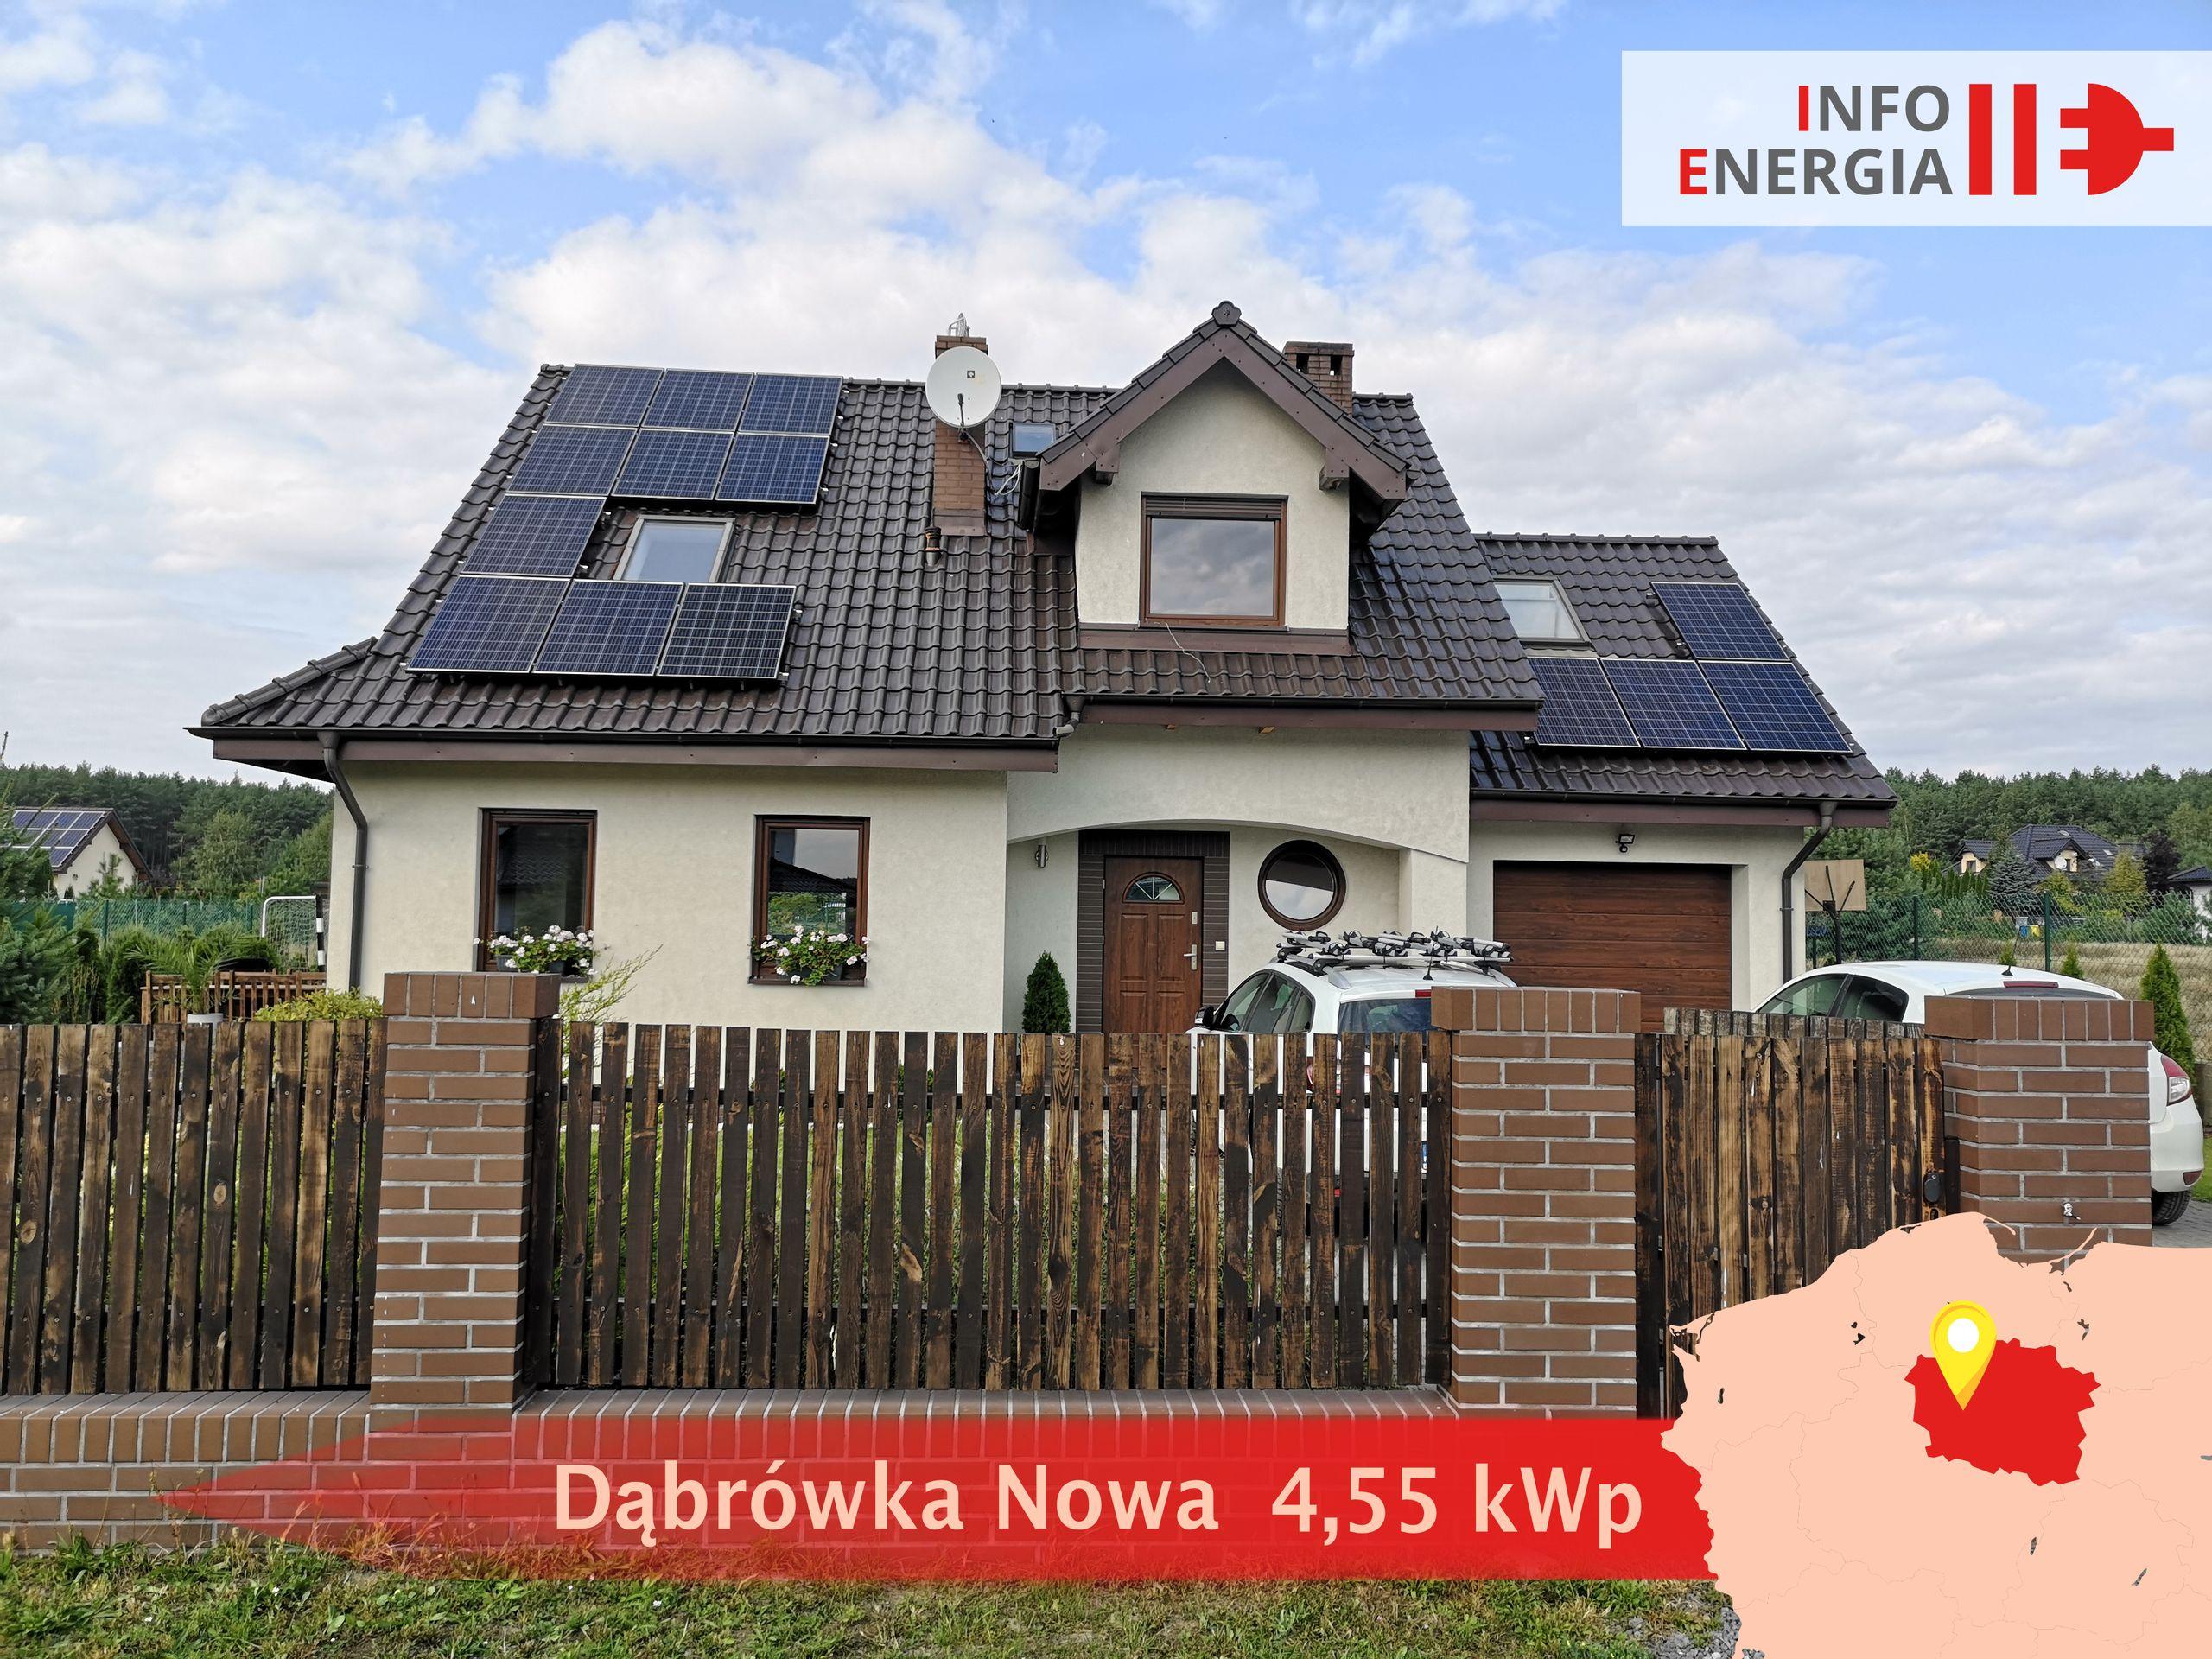 Fotowoltaika Iława. Instalacje fotowoltaiczne i pompy ciepła Iława